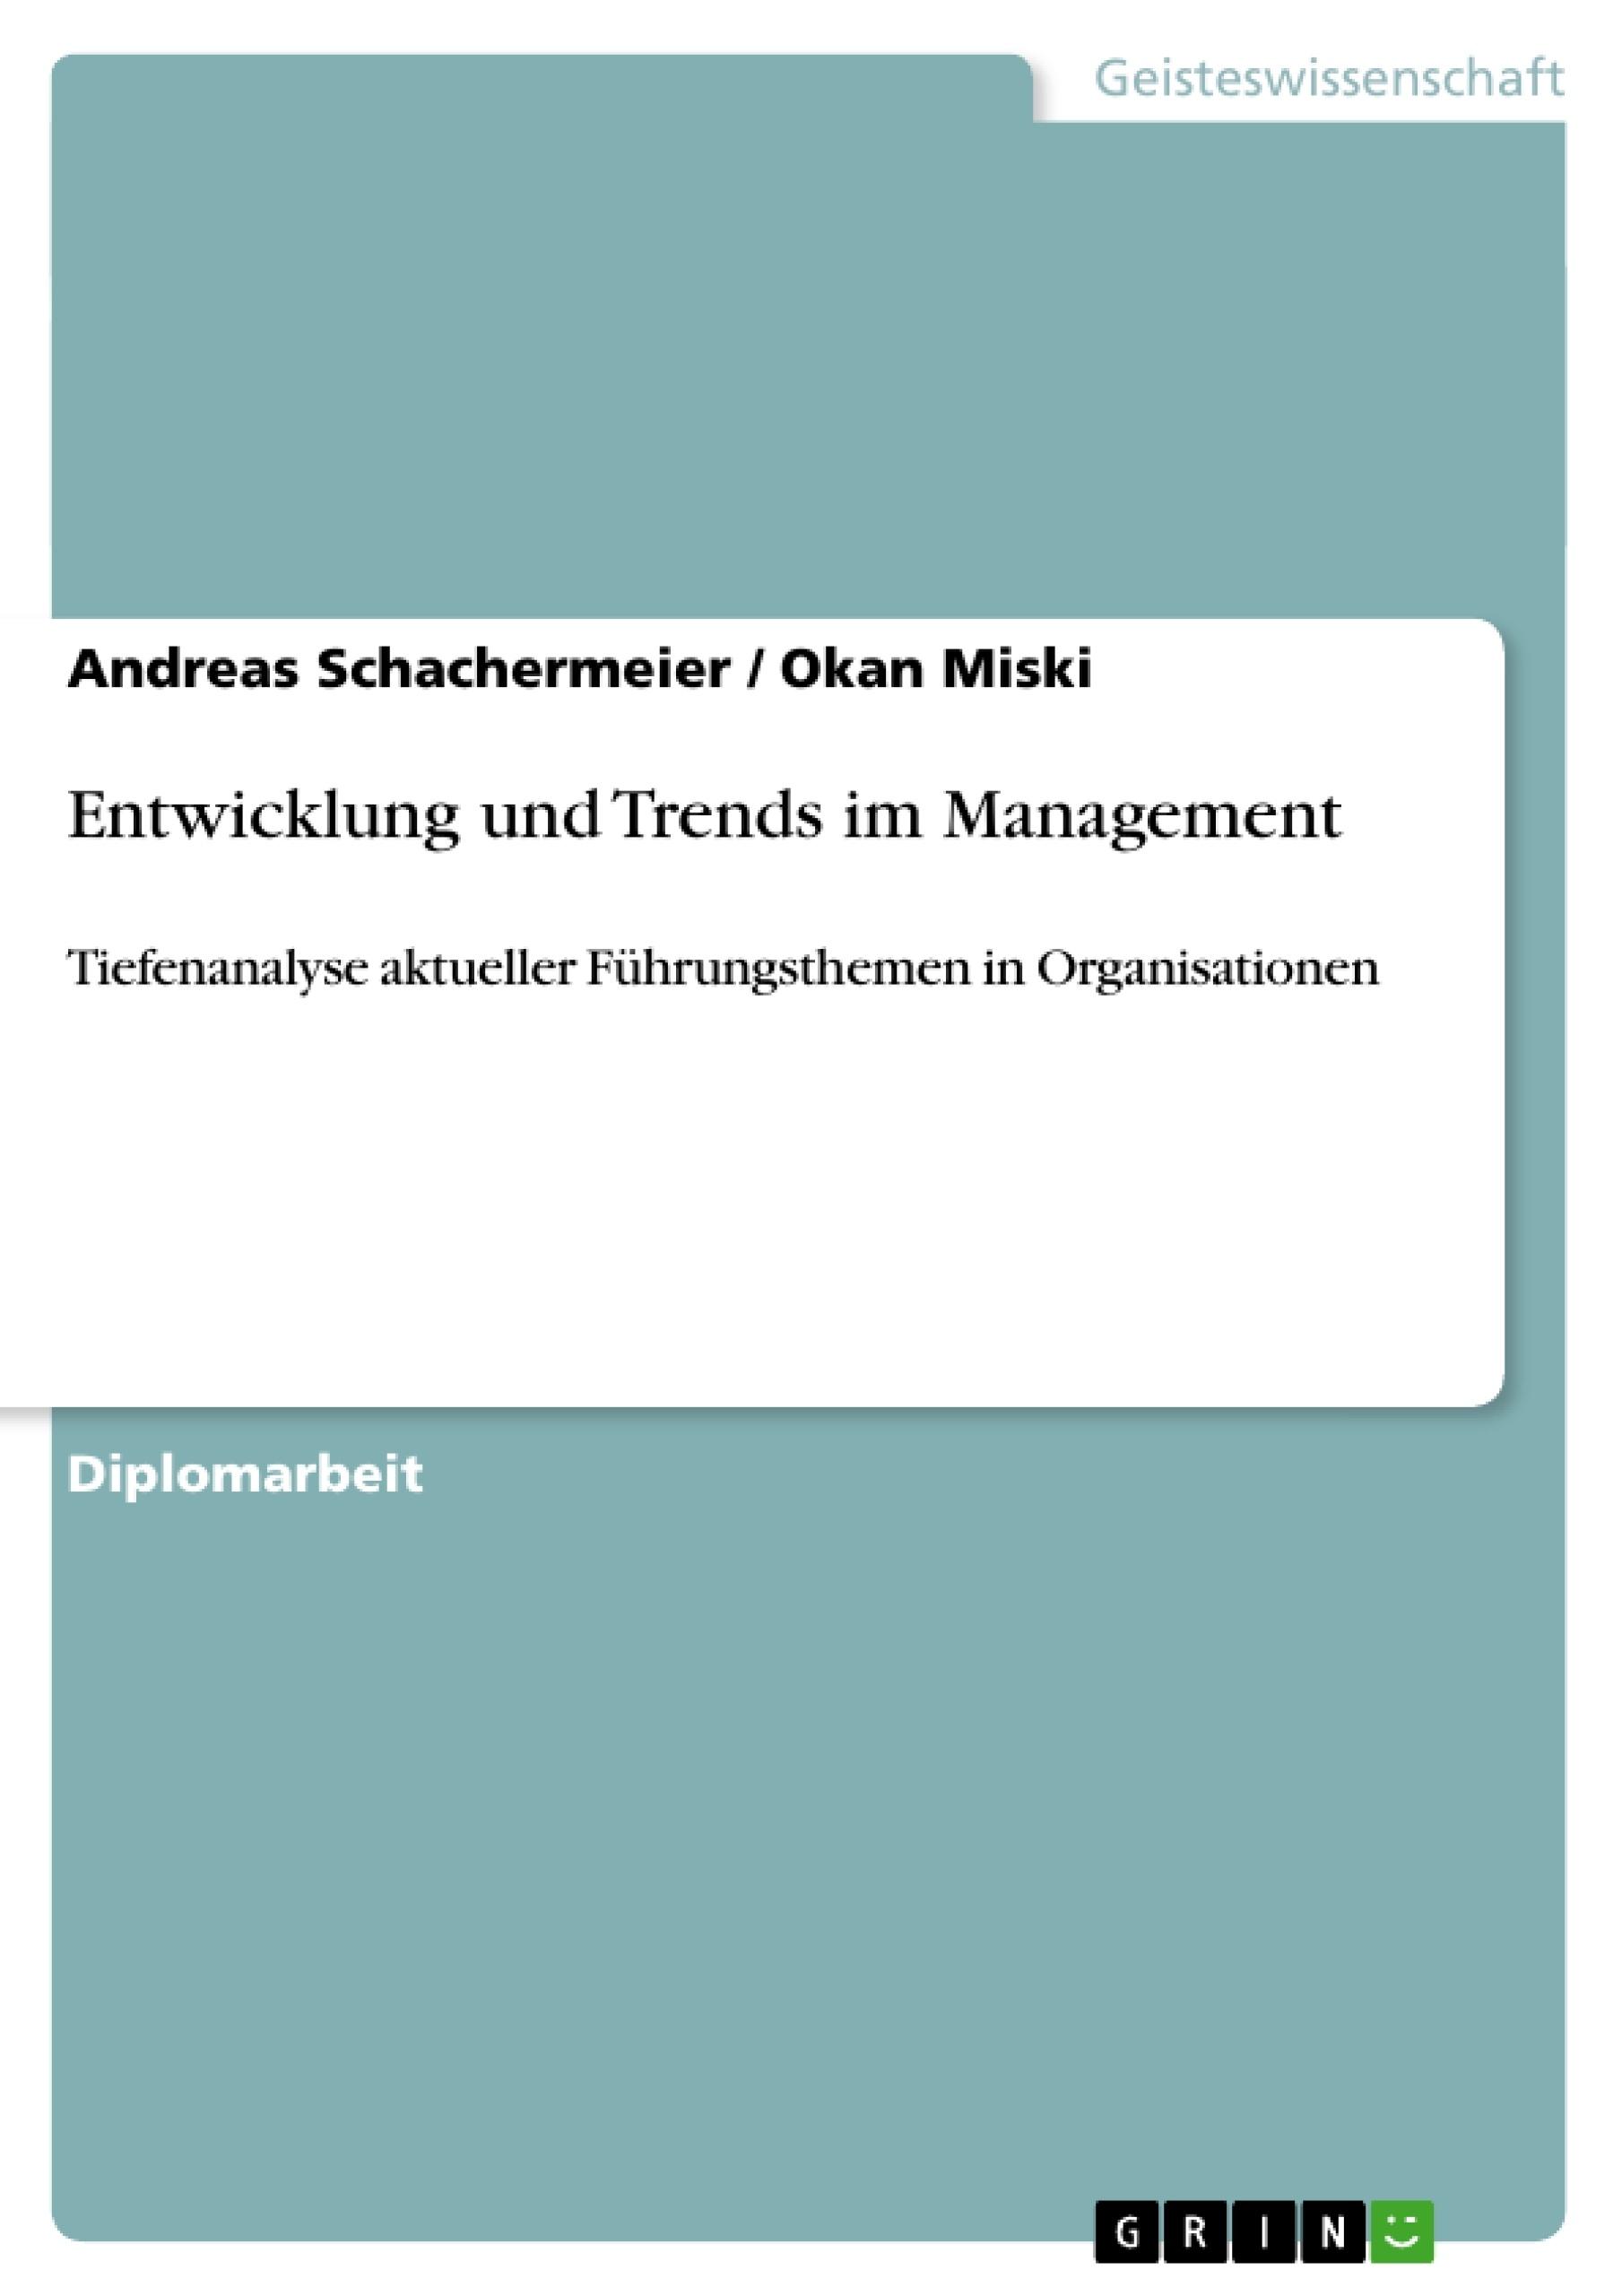 Titel: Entwicklung und Trends im Management